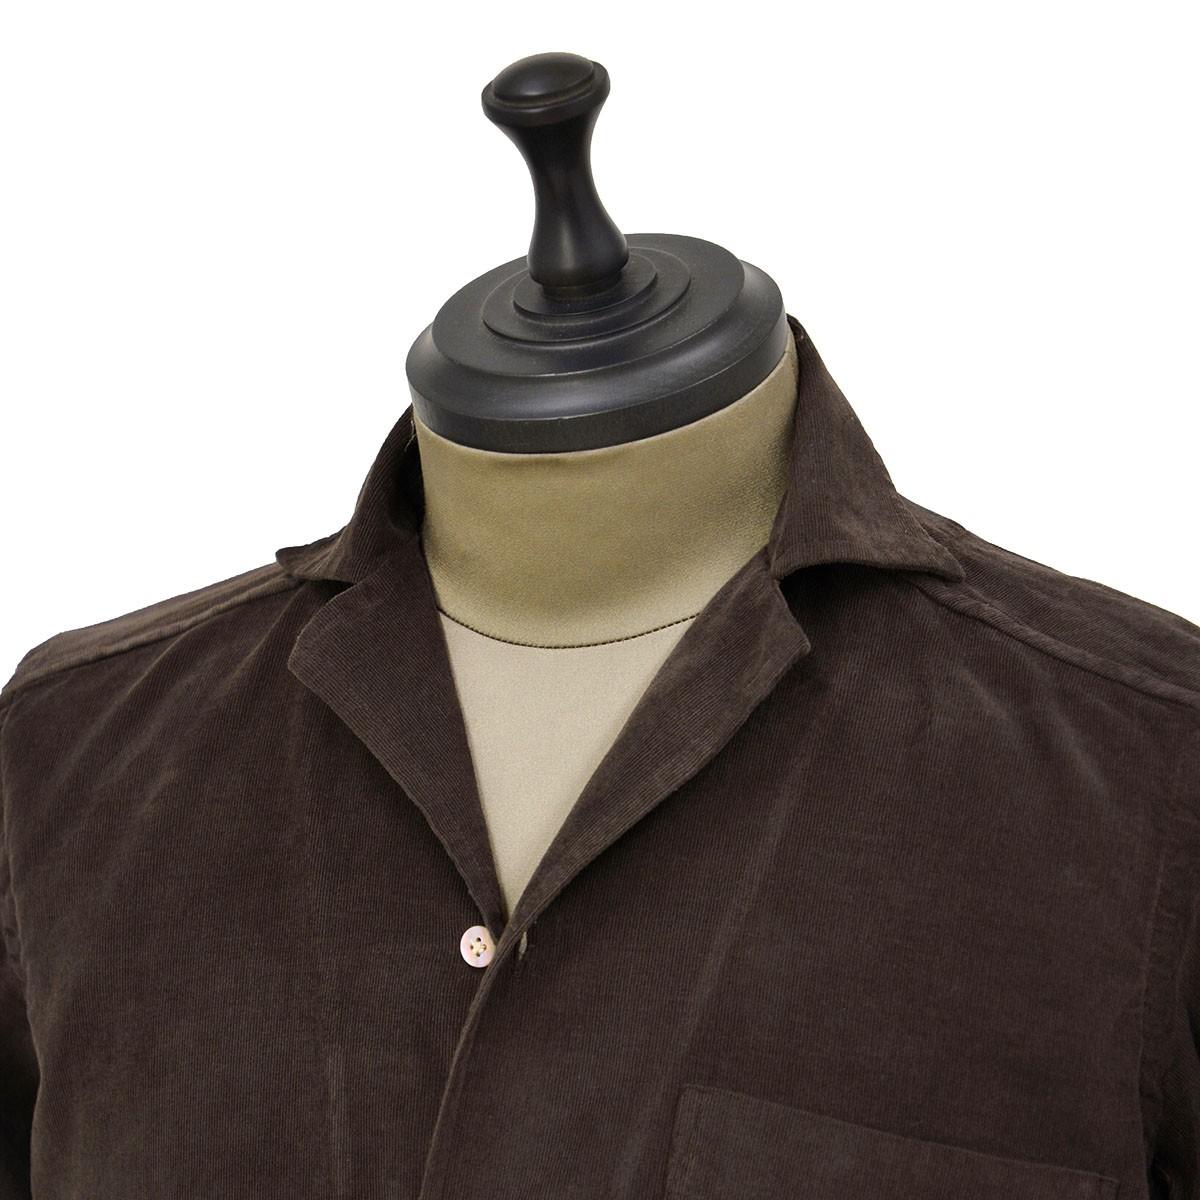 Bagutta【バグッタ】オープンカラーシャツ ALOHAK 08380 071 コットン コーデュロイ ダークブラウン